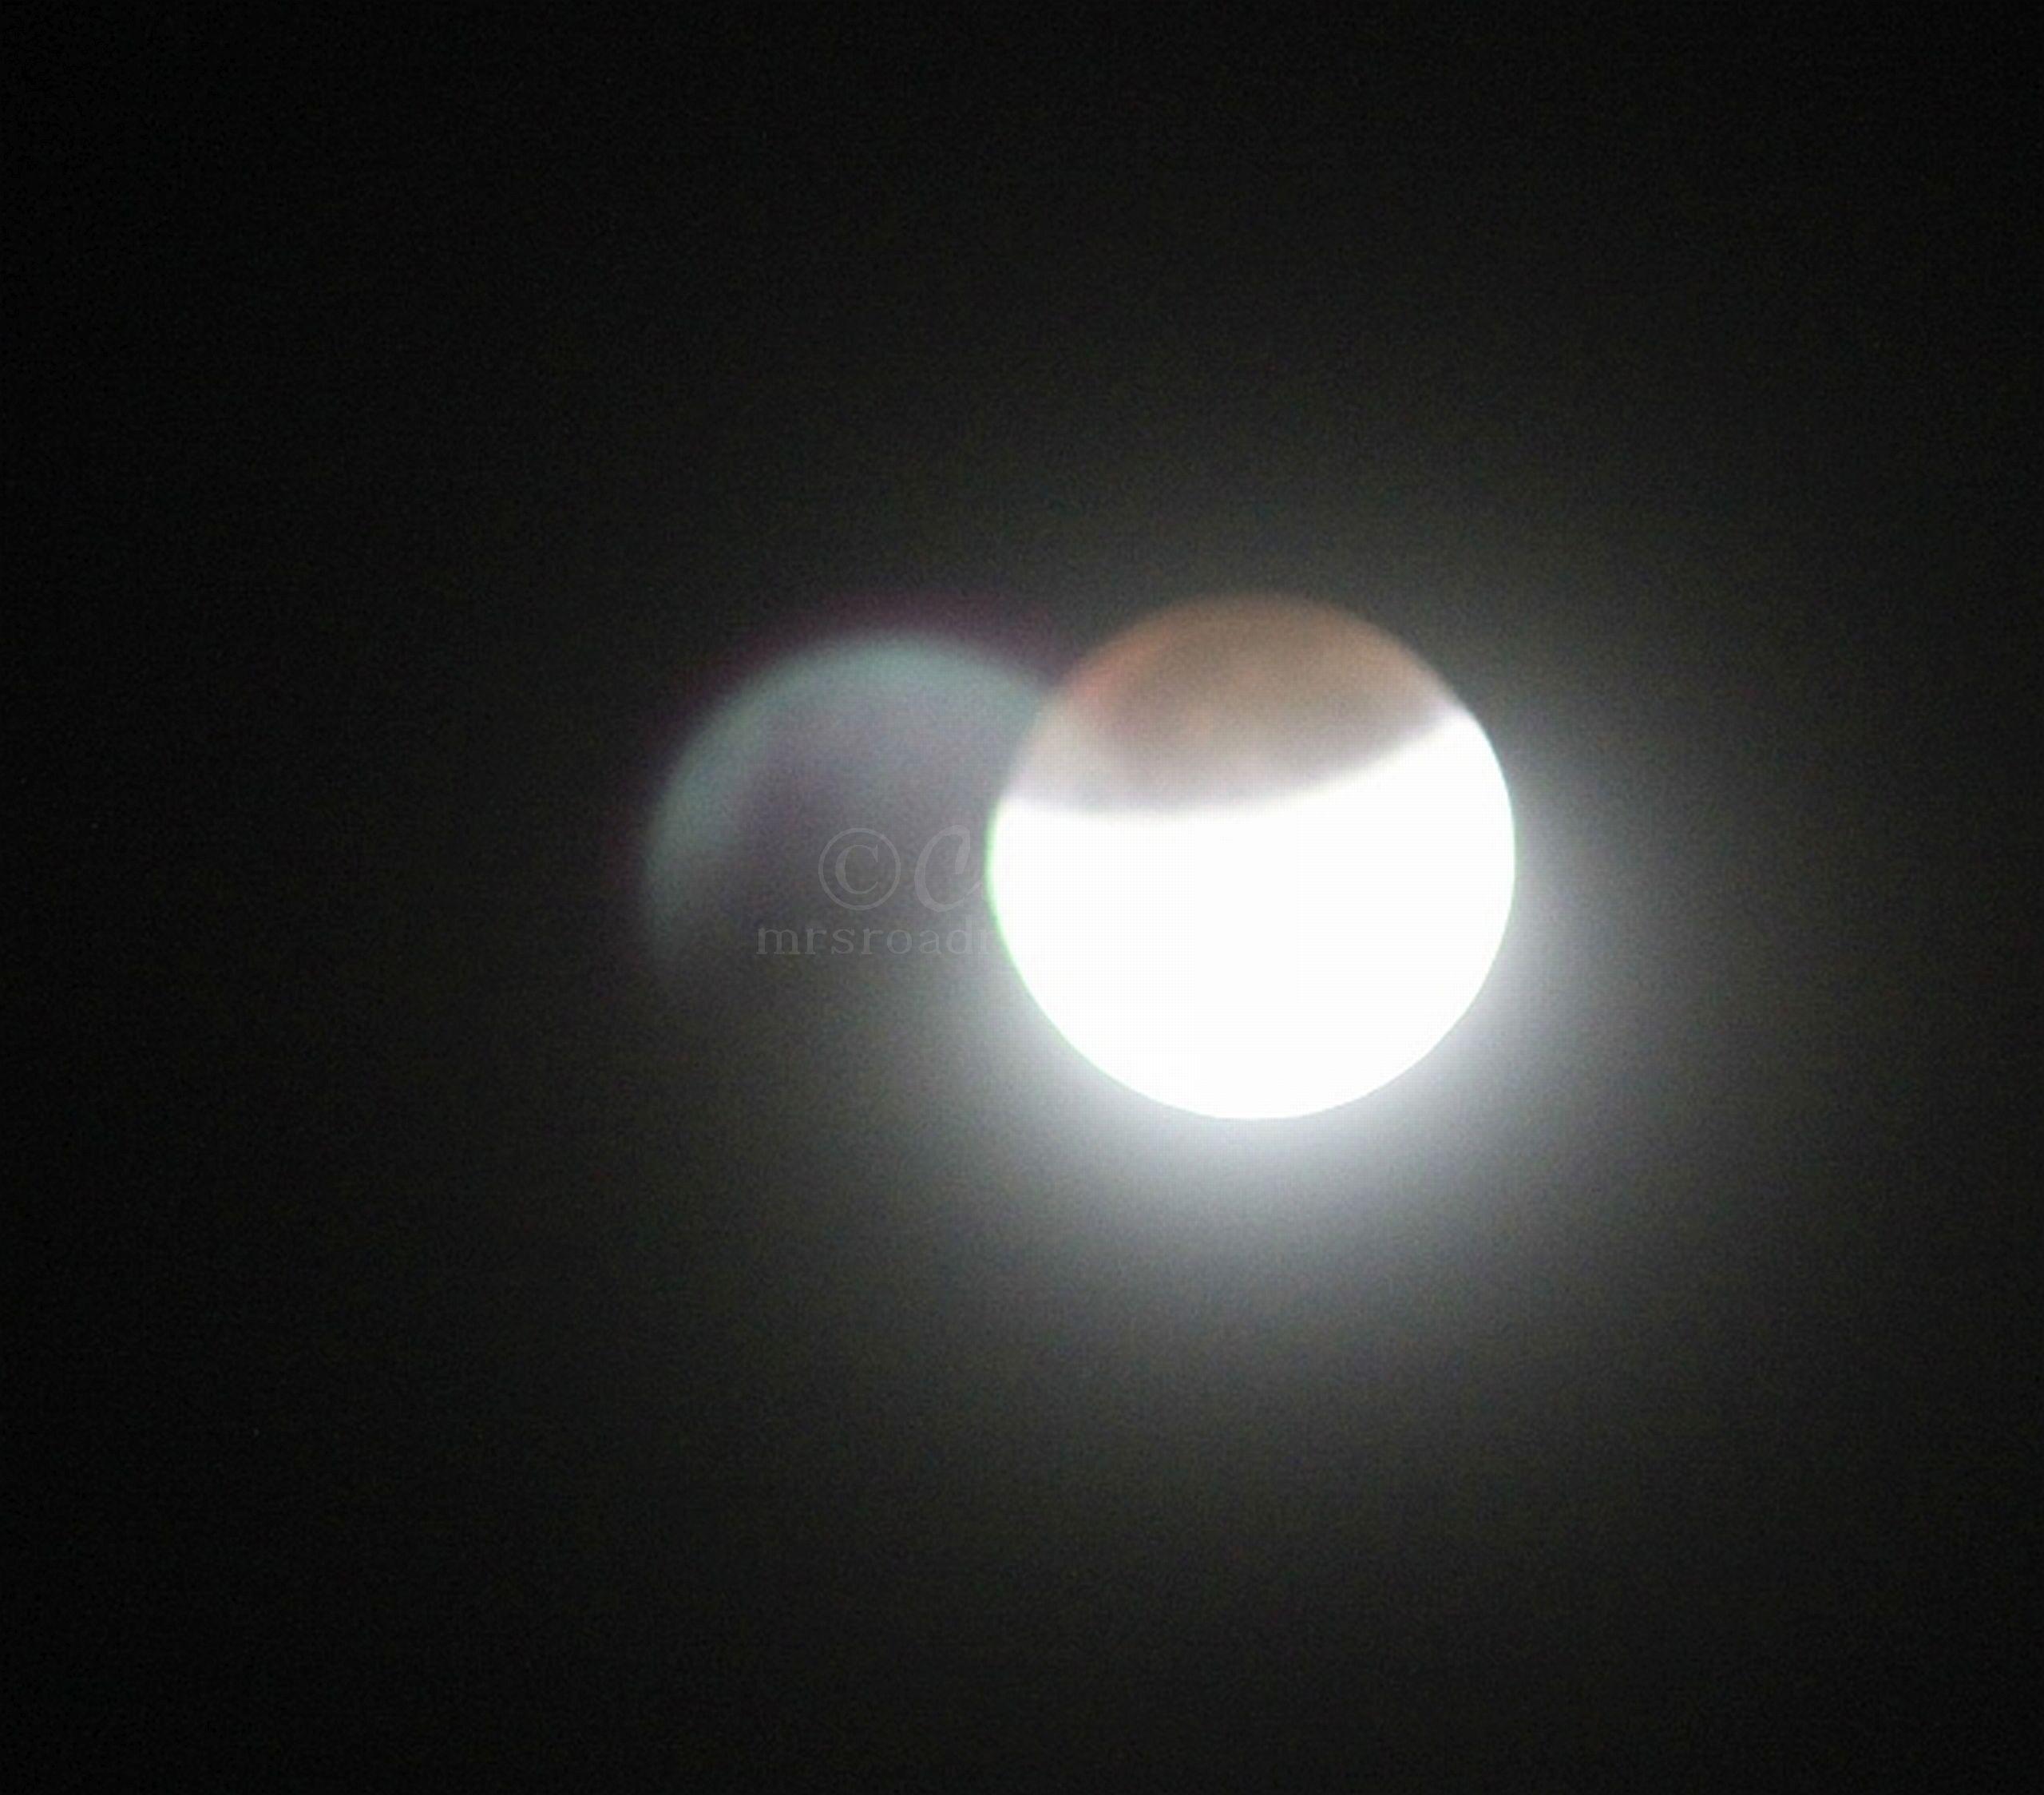 Lunar Eclipse on Saturday, Dec. 10